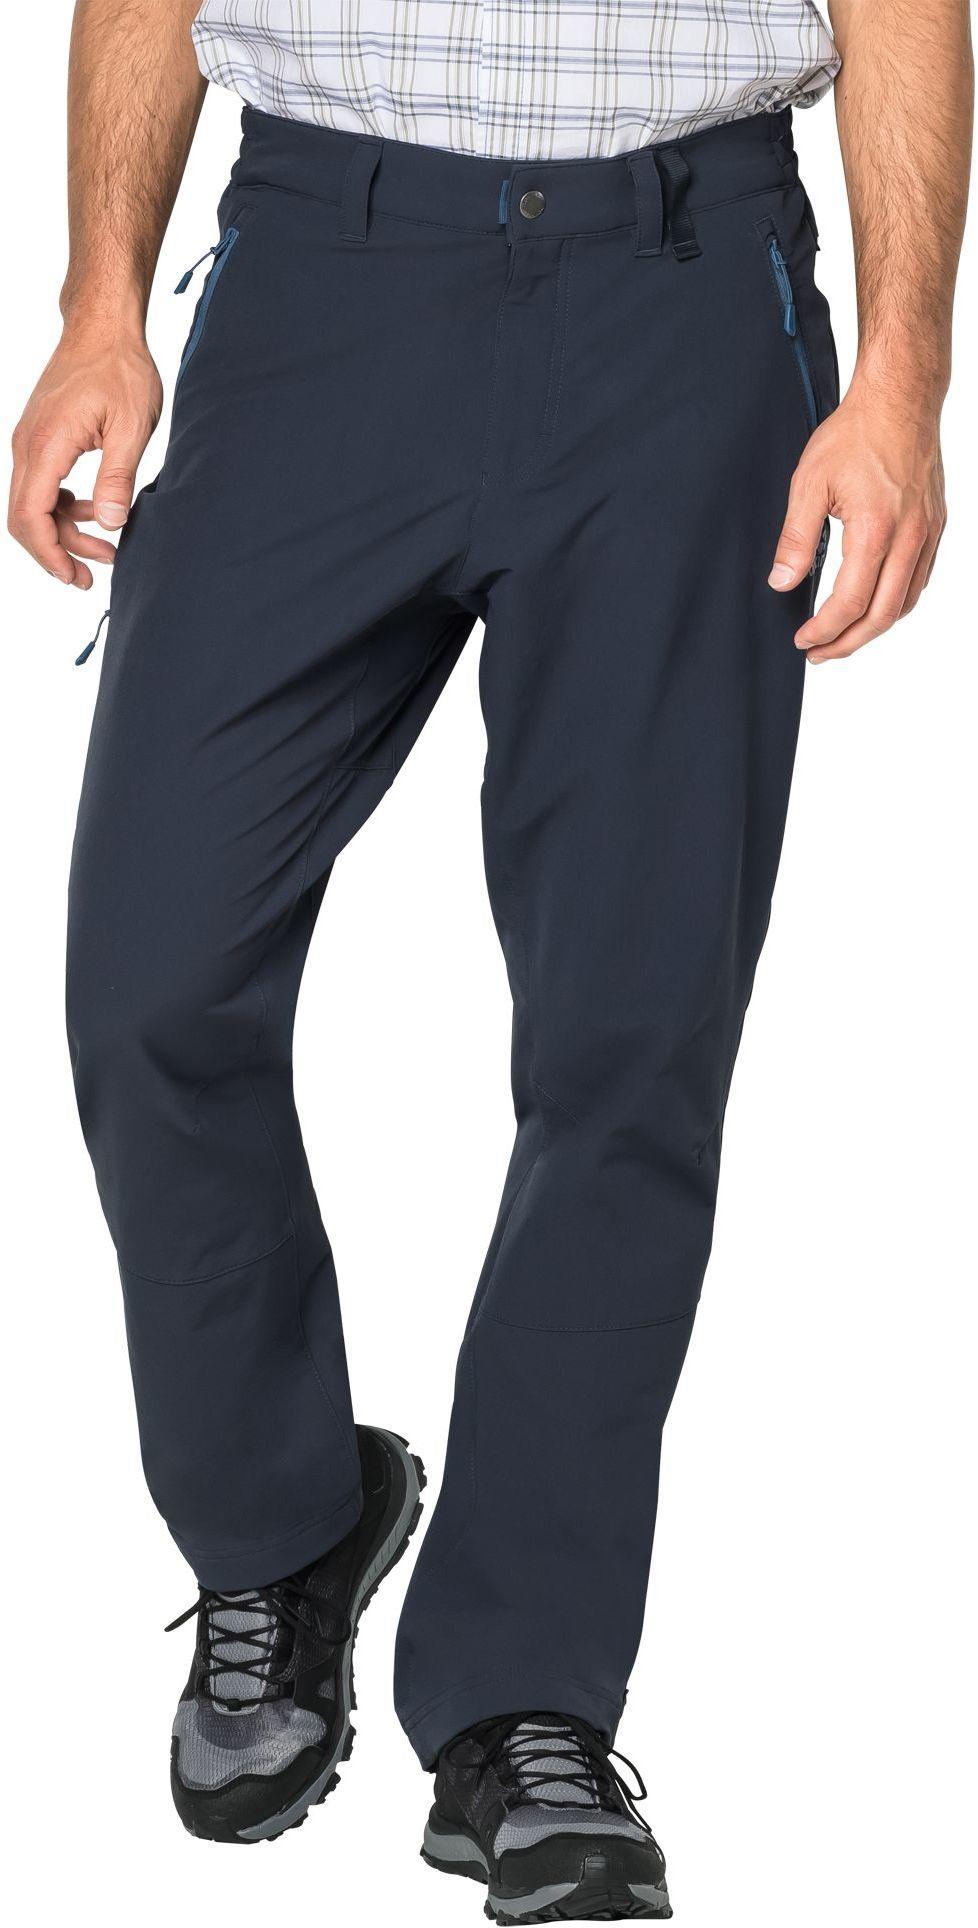 sklep dyskontowy najwyższa jakość świetne ceny Jack Wolfskin Spodnie męskie ACTIVATE XT MEN Night Blue r. 52 (1503752) ID  produktu: 1787424